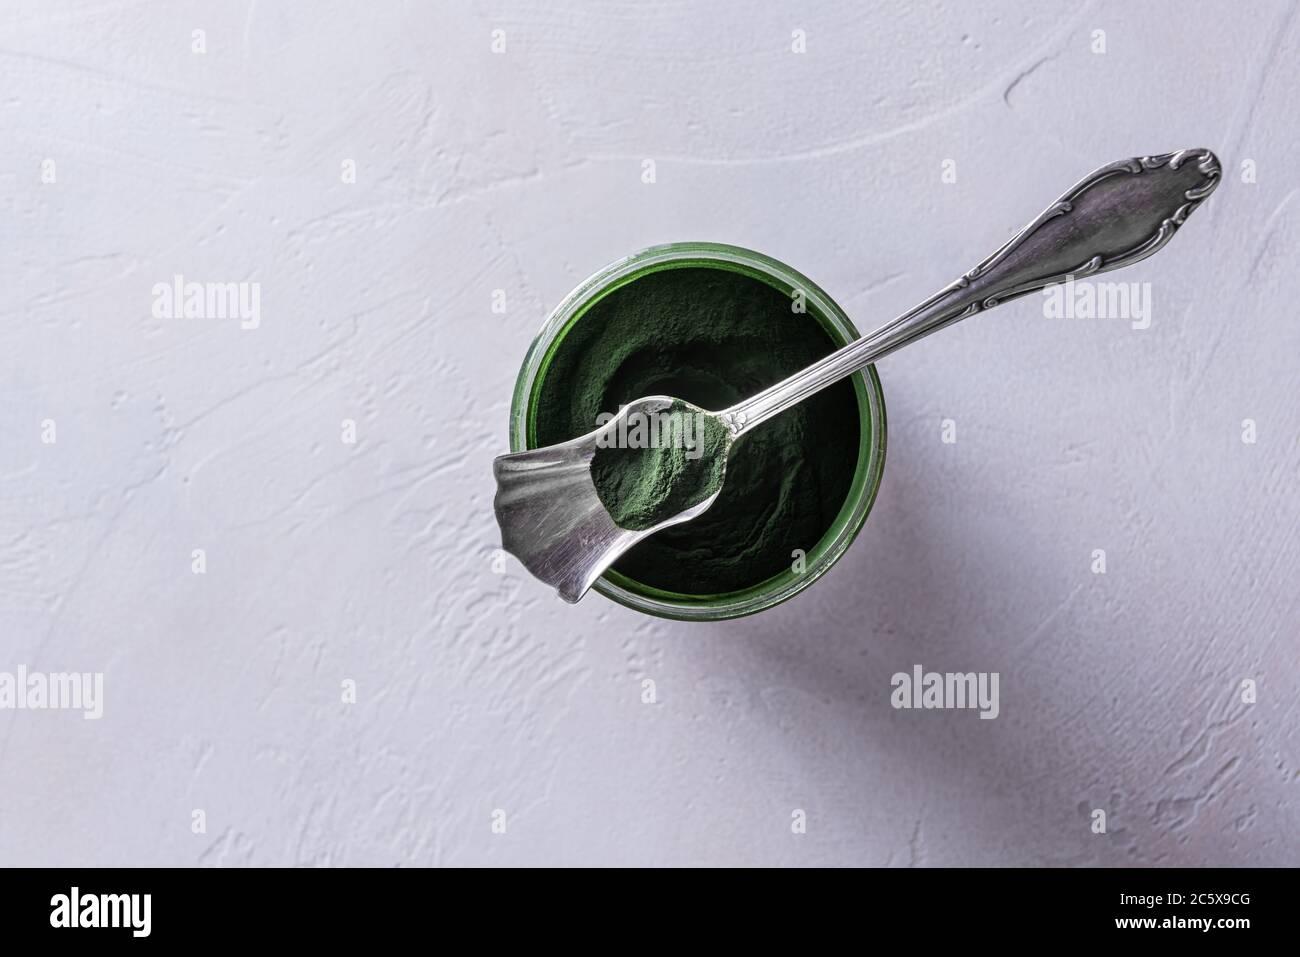 Poudre de chlorelle ou de spiruline verte naturelle dans un pot en verre rond et dans une cuillère en argent sur le bol. Concept de nourriture saine et de régime. Blanc Banque D'Images